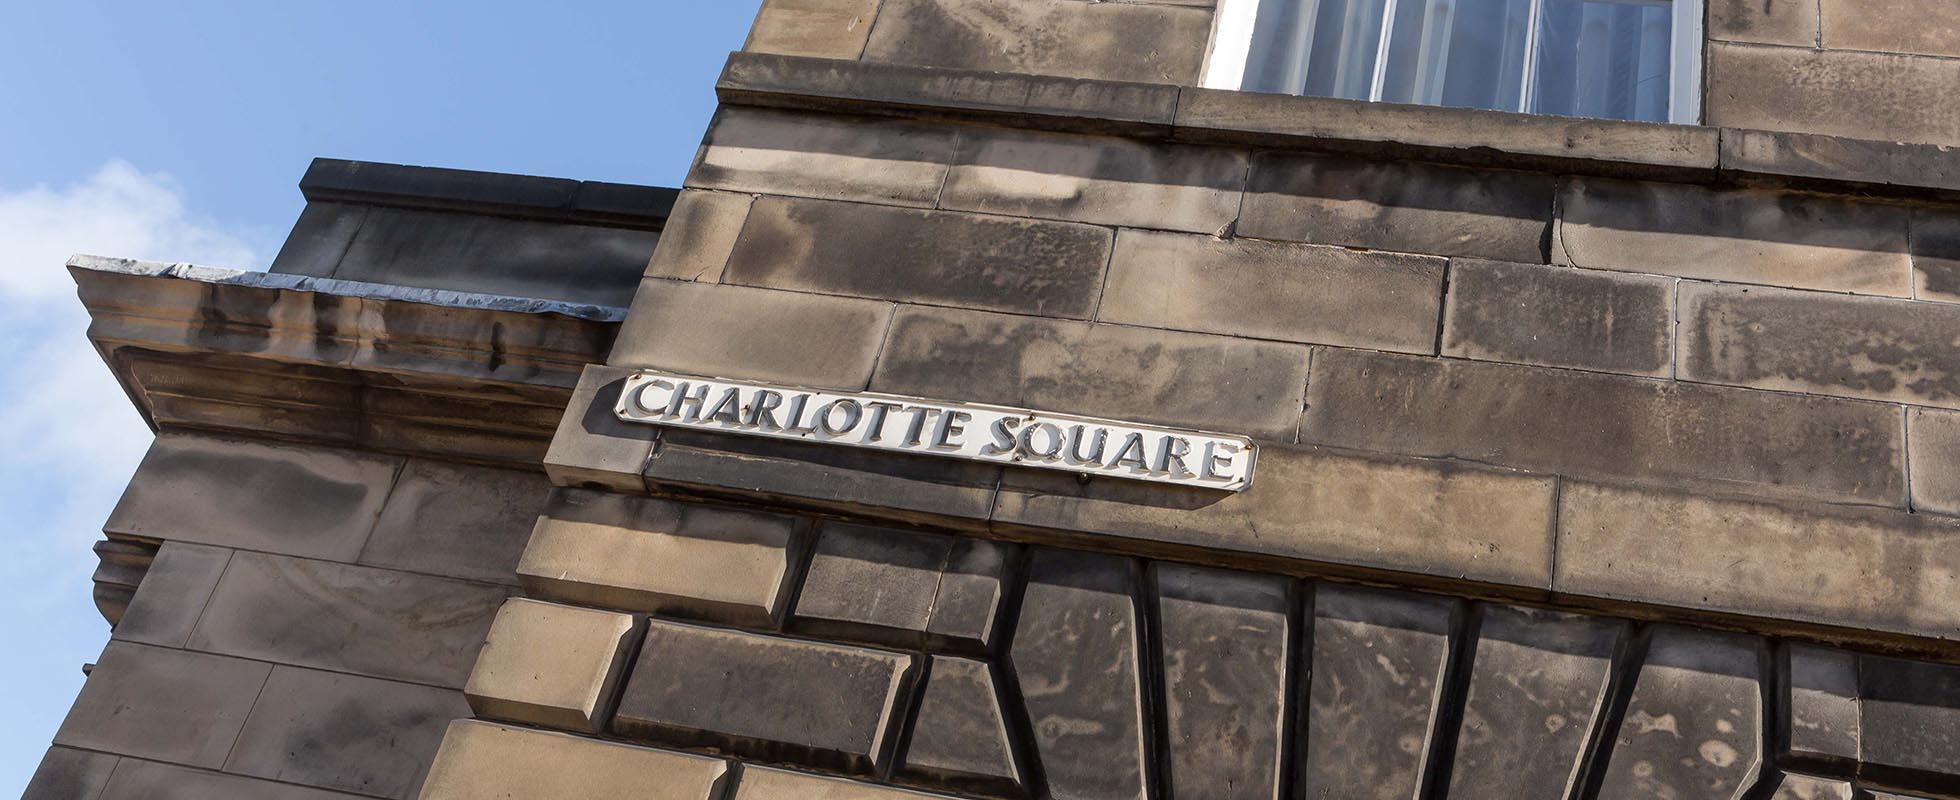 Charlotte Square Partners, Charlotte Square, Edinburgh, Scotland